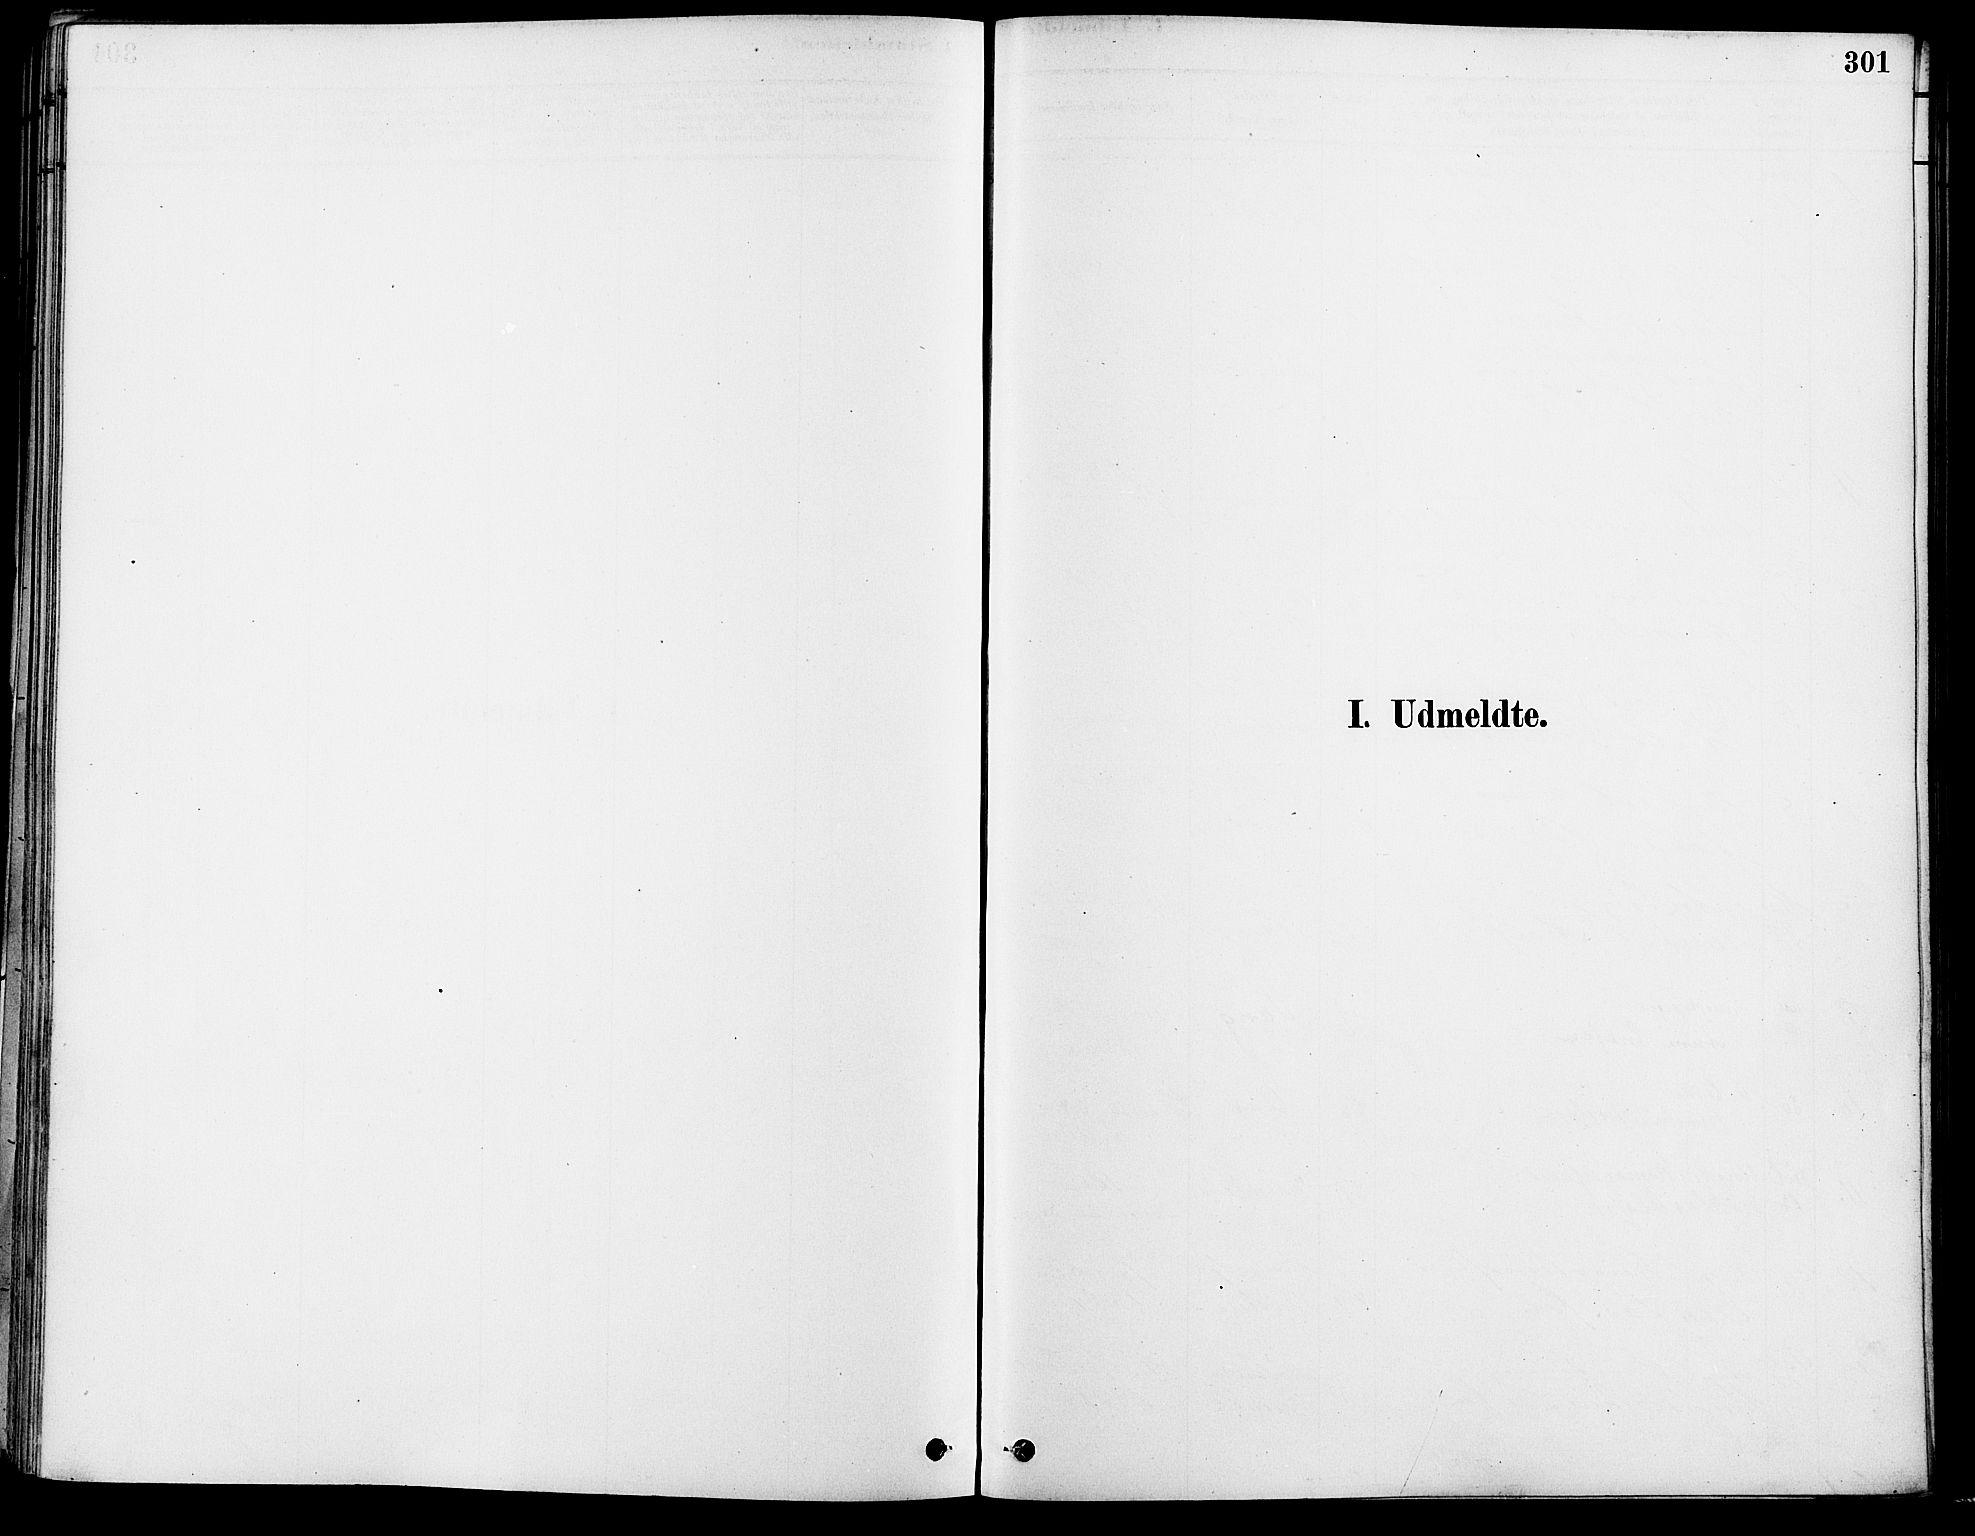 SAO, Gamle Aker prestekontor Kirkebøker, F/L0007: Ministerialbok nr. 7, 1882-1890, s. 301